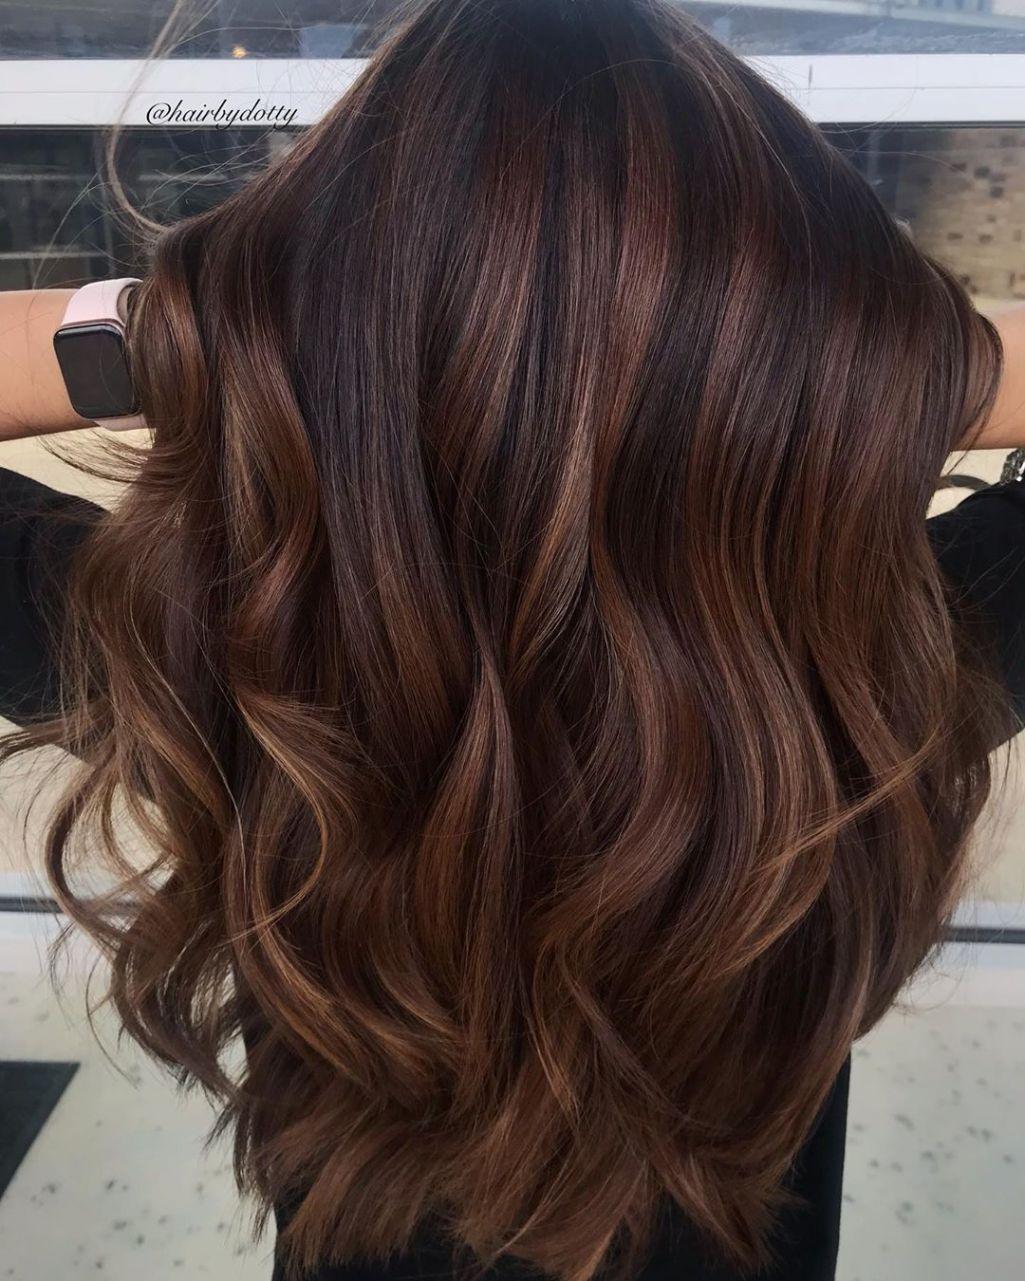 50 Meilleures Couleurs De Cheveux Nouvelle Couleur Cheveux Idees Et Tendances Pour 2020 Brown Hair Balayage Brunette Balayage Hair Cool Hair Color